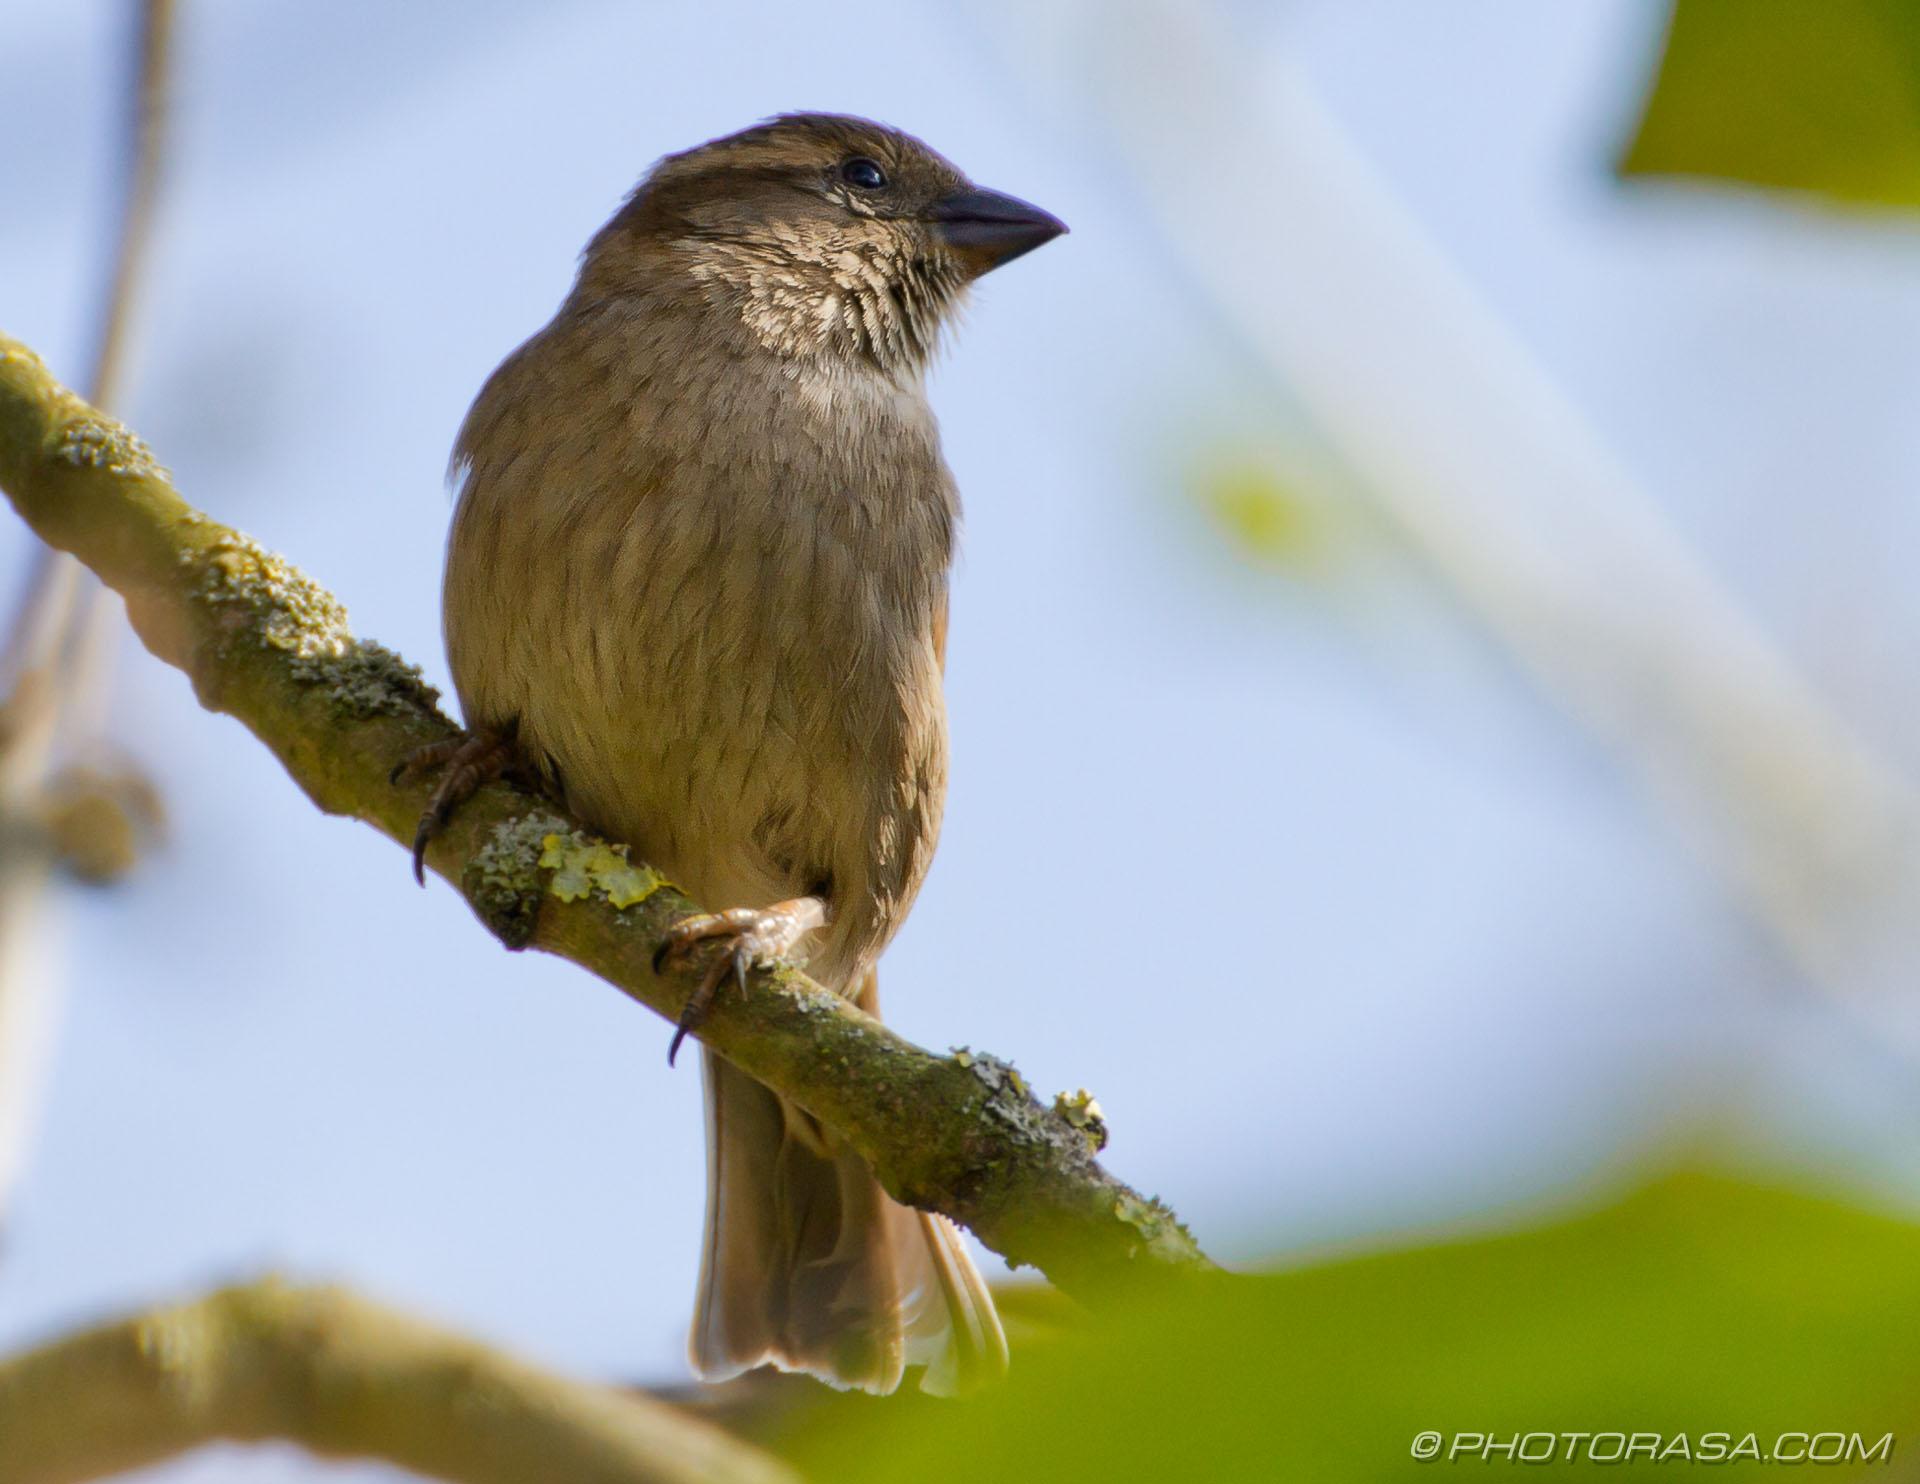 http://photorasa.com/sparrows/sparrow-2/